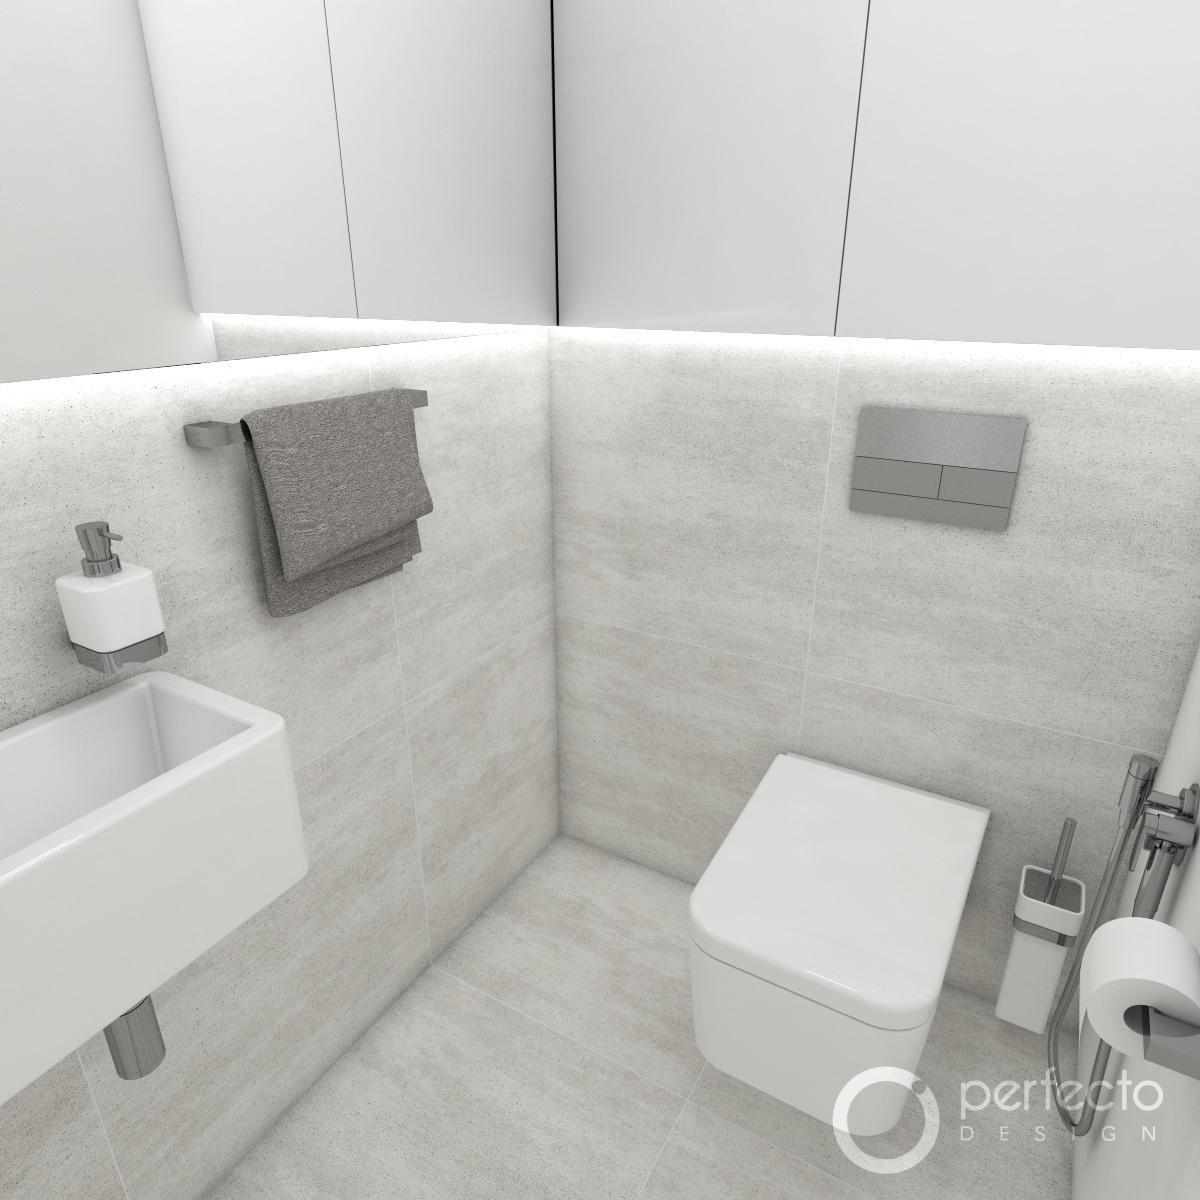 Moderne Toilette GIZMO | Perfecto design